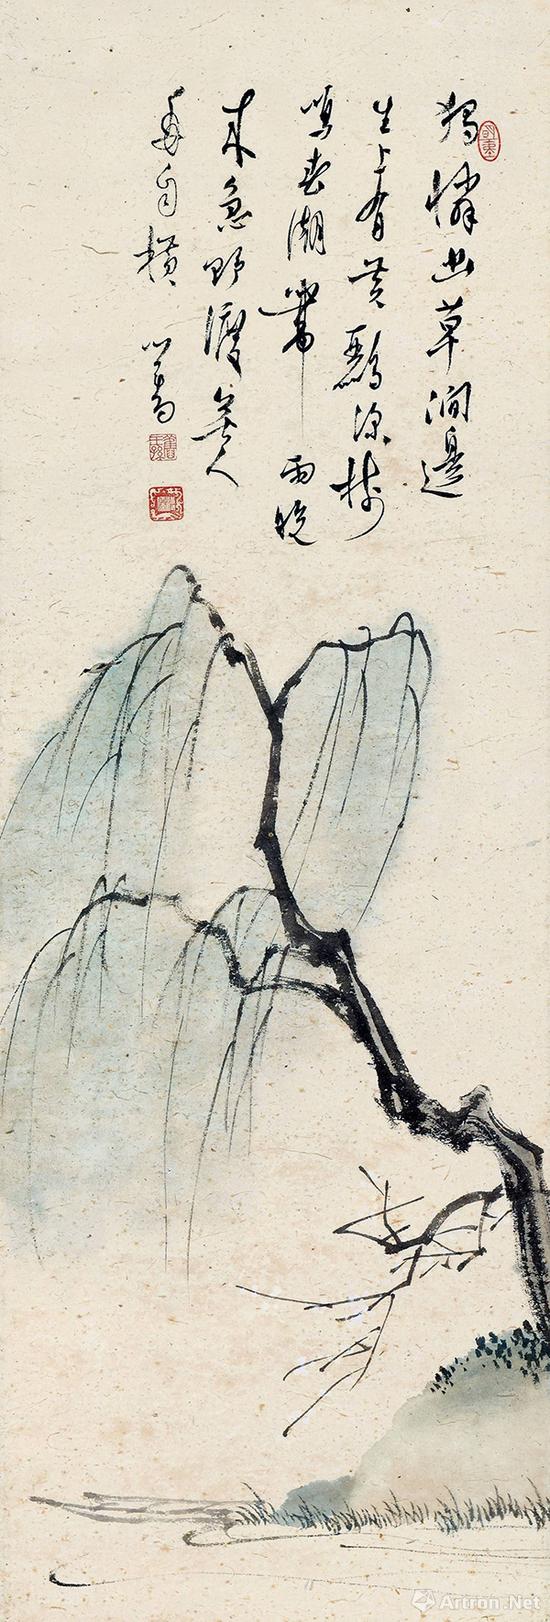 驰翰2017春拍 溥儒孤柳图 设色纸本镜框